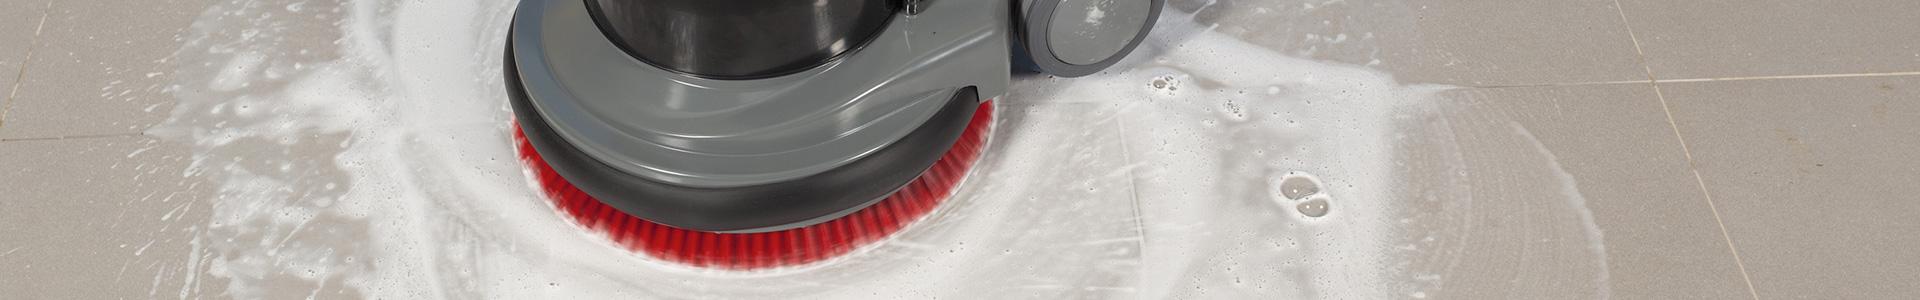 Service de nettoyage de céramique et de carrelage